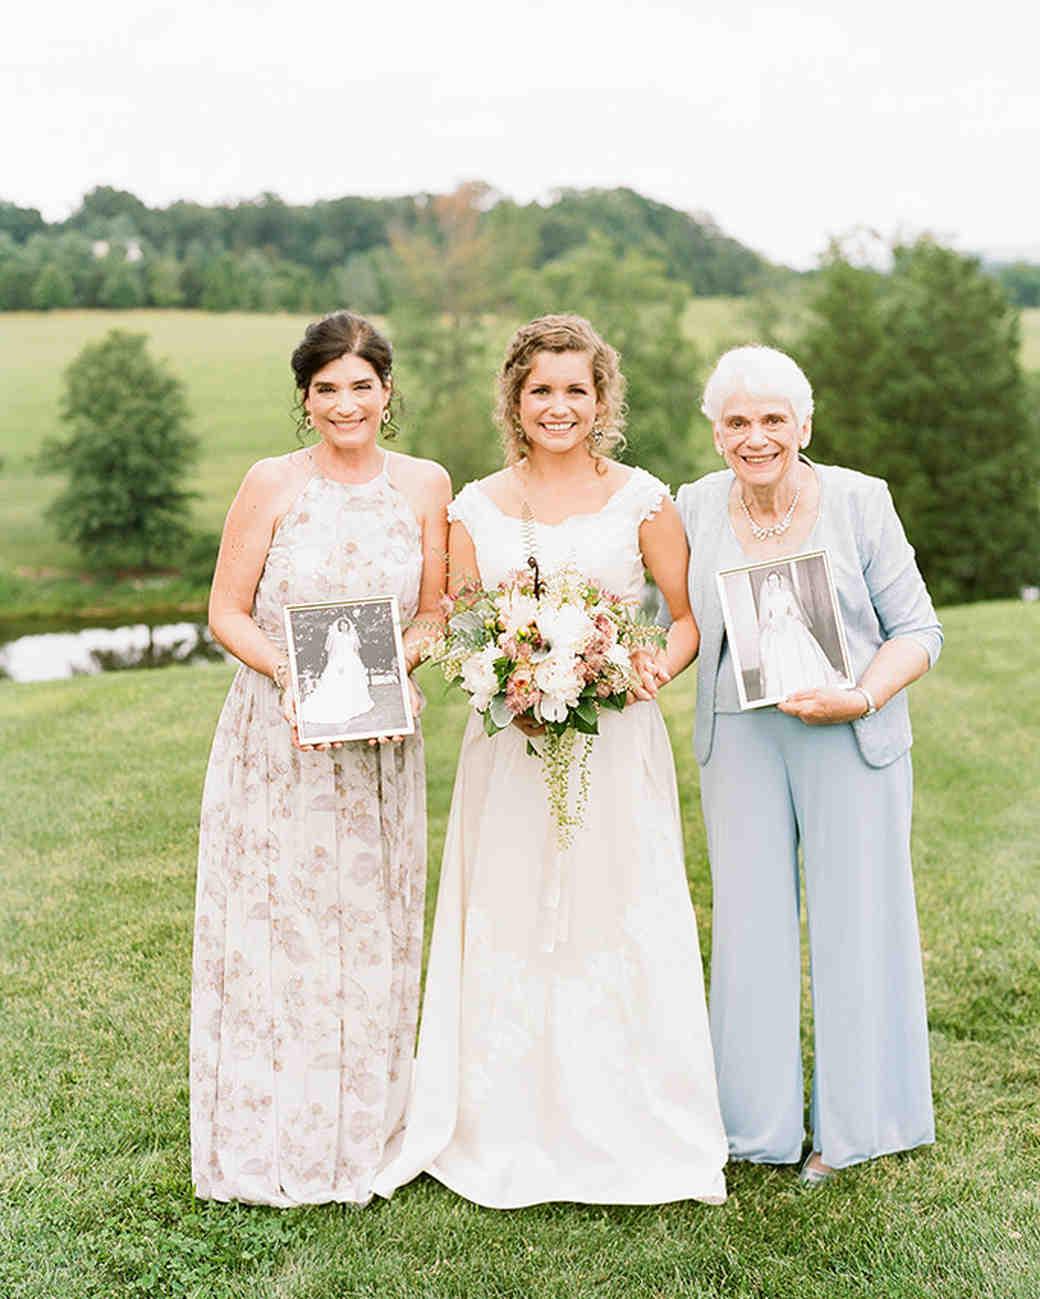 6cad0980a2a 55 Heartwarming Mother-Daughter Wedding Photos